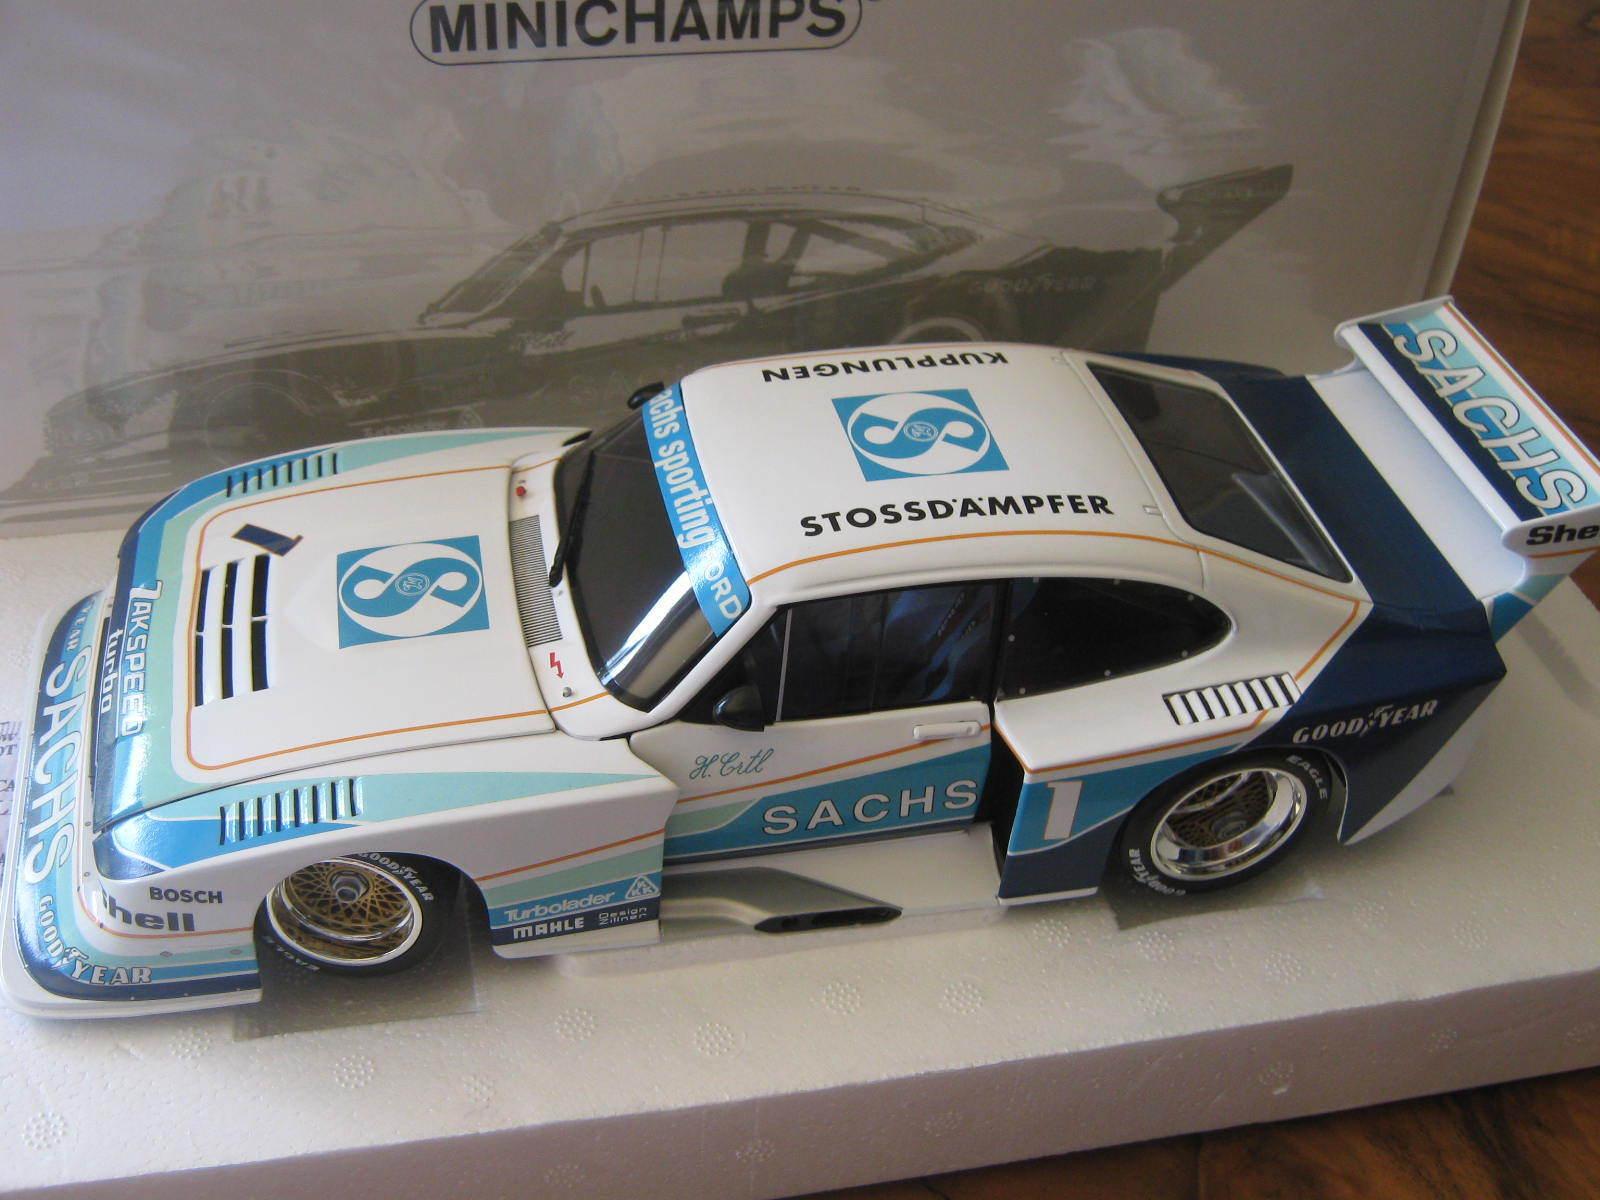 1 18 Ford Capri turbo taille 5 'sachs' h. ERTL DRM 1979 Minichamps 100798601 OVP NOUVEAU